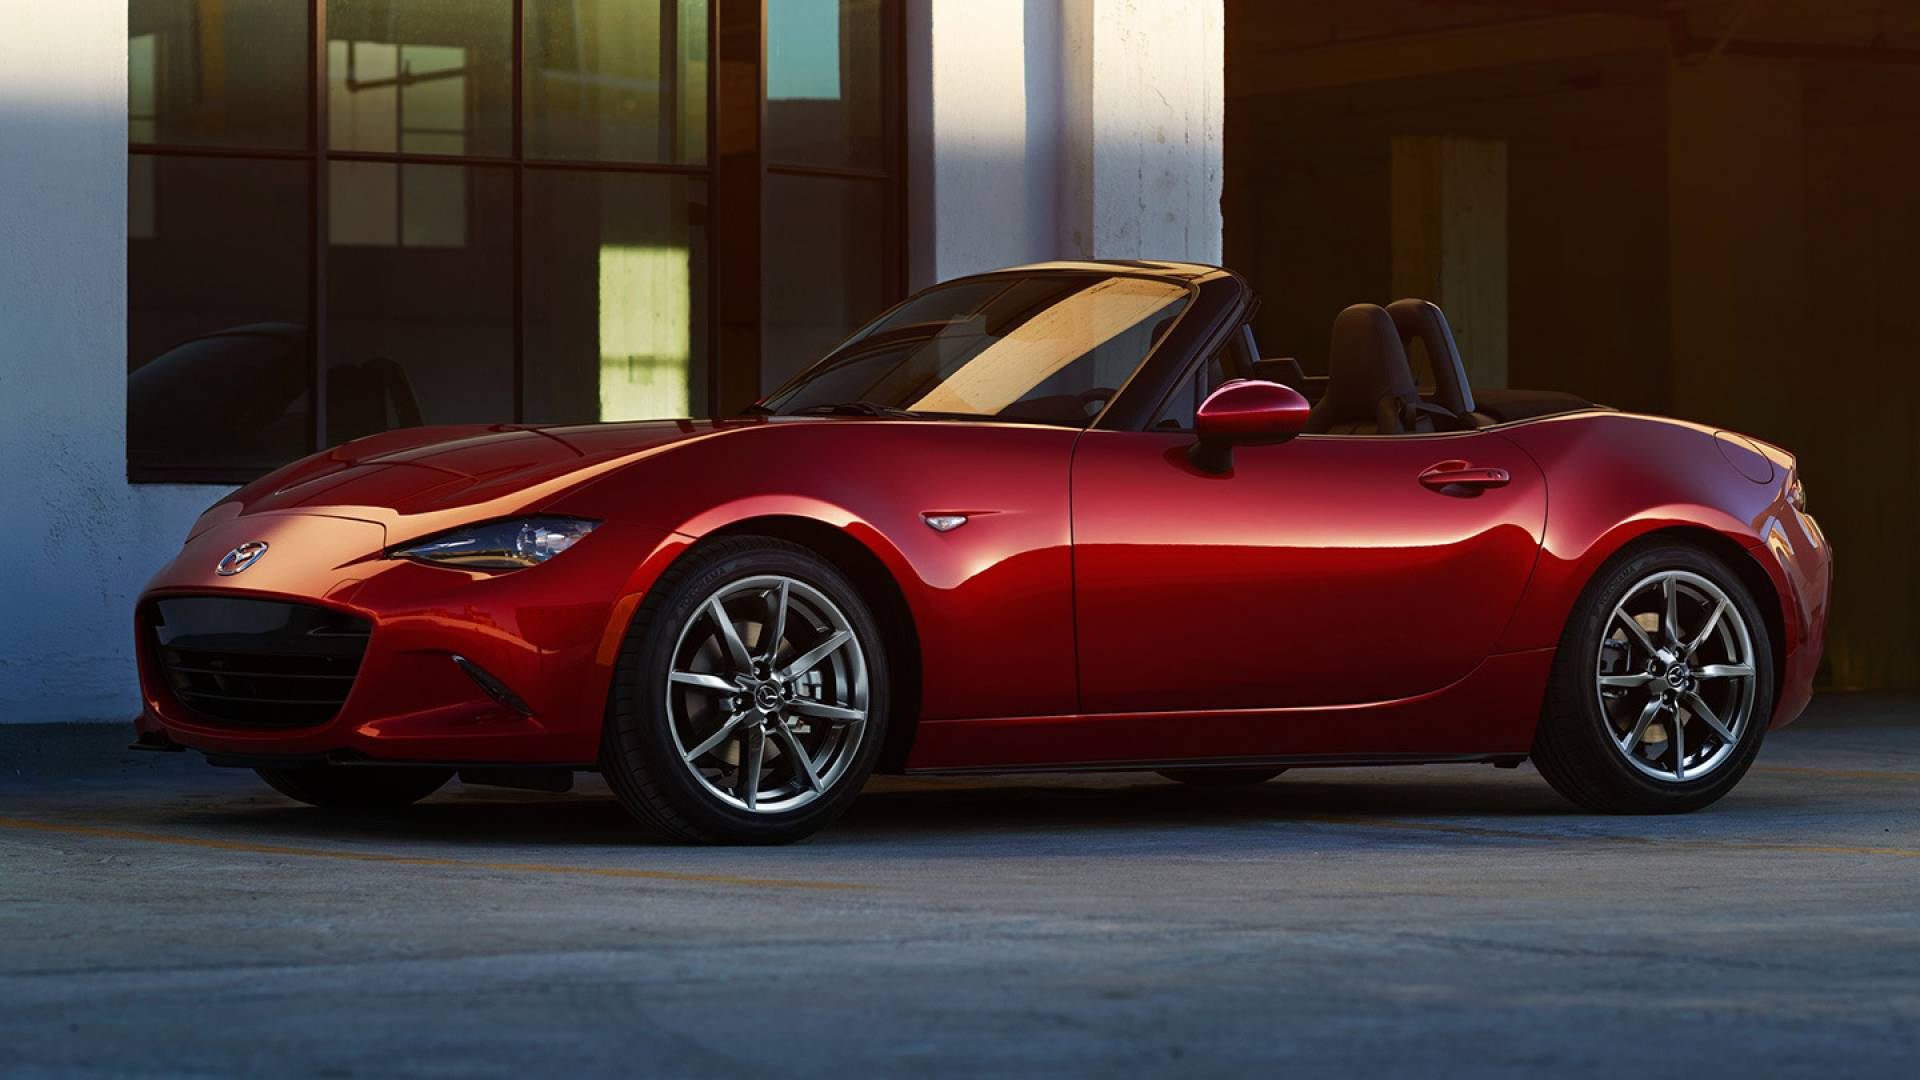 Mazda Mx 5 Precios Noticias Prueba Ficha T 233 Cnica Y Fotos Diariomotor